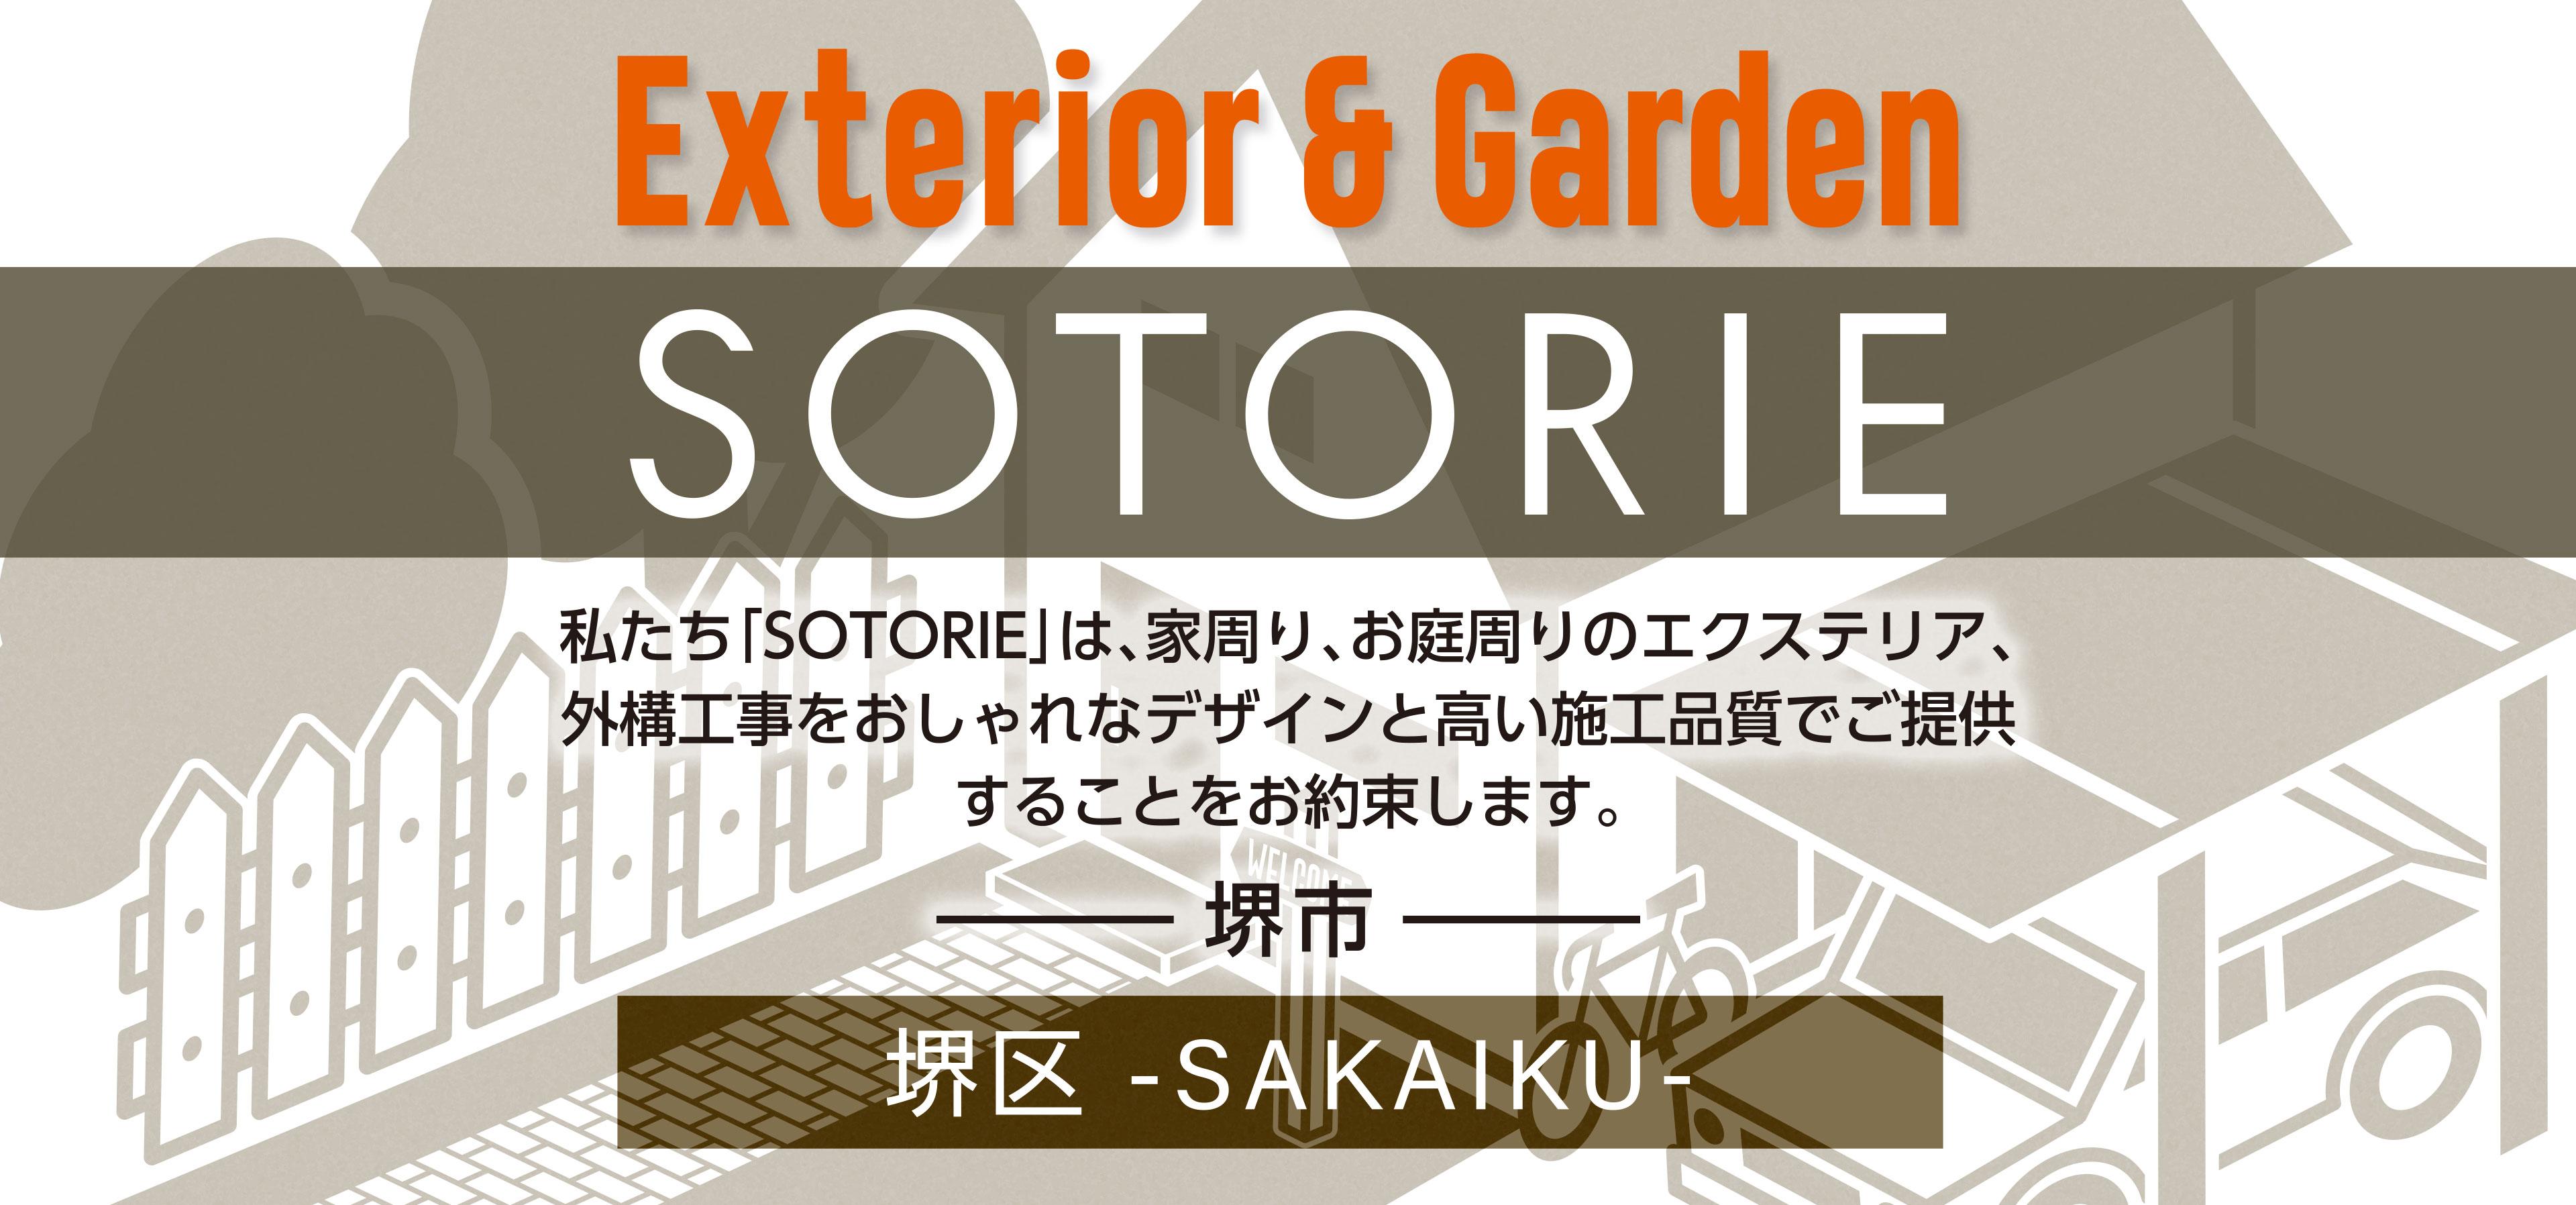 ソトリエ堺市堺区では、家周りと庭周りの外構、エクステリア工事をおしゃれなデザインと高い施工品質でご提供することをお約束します。